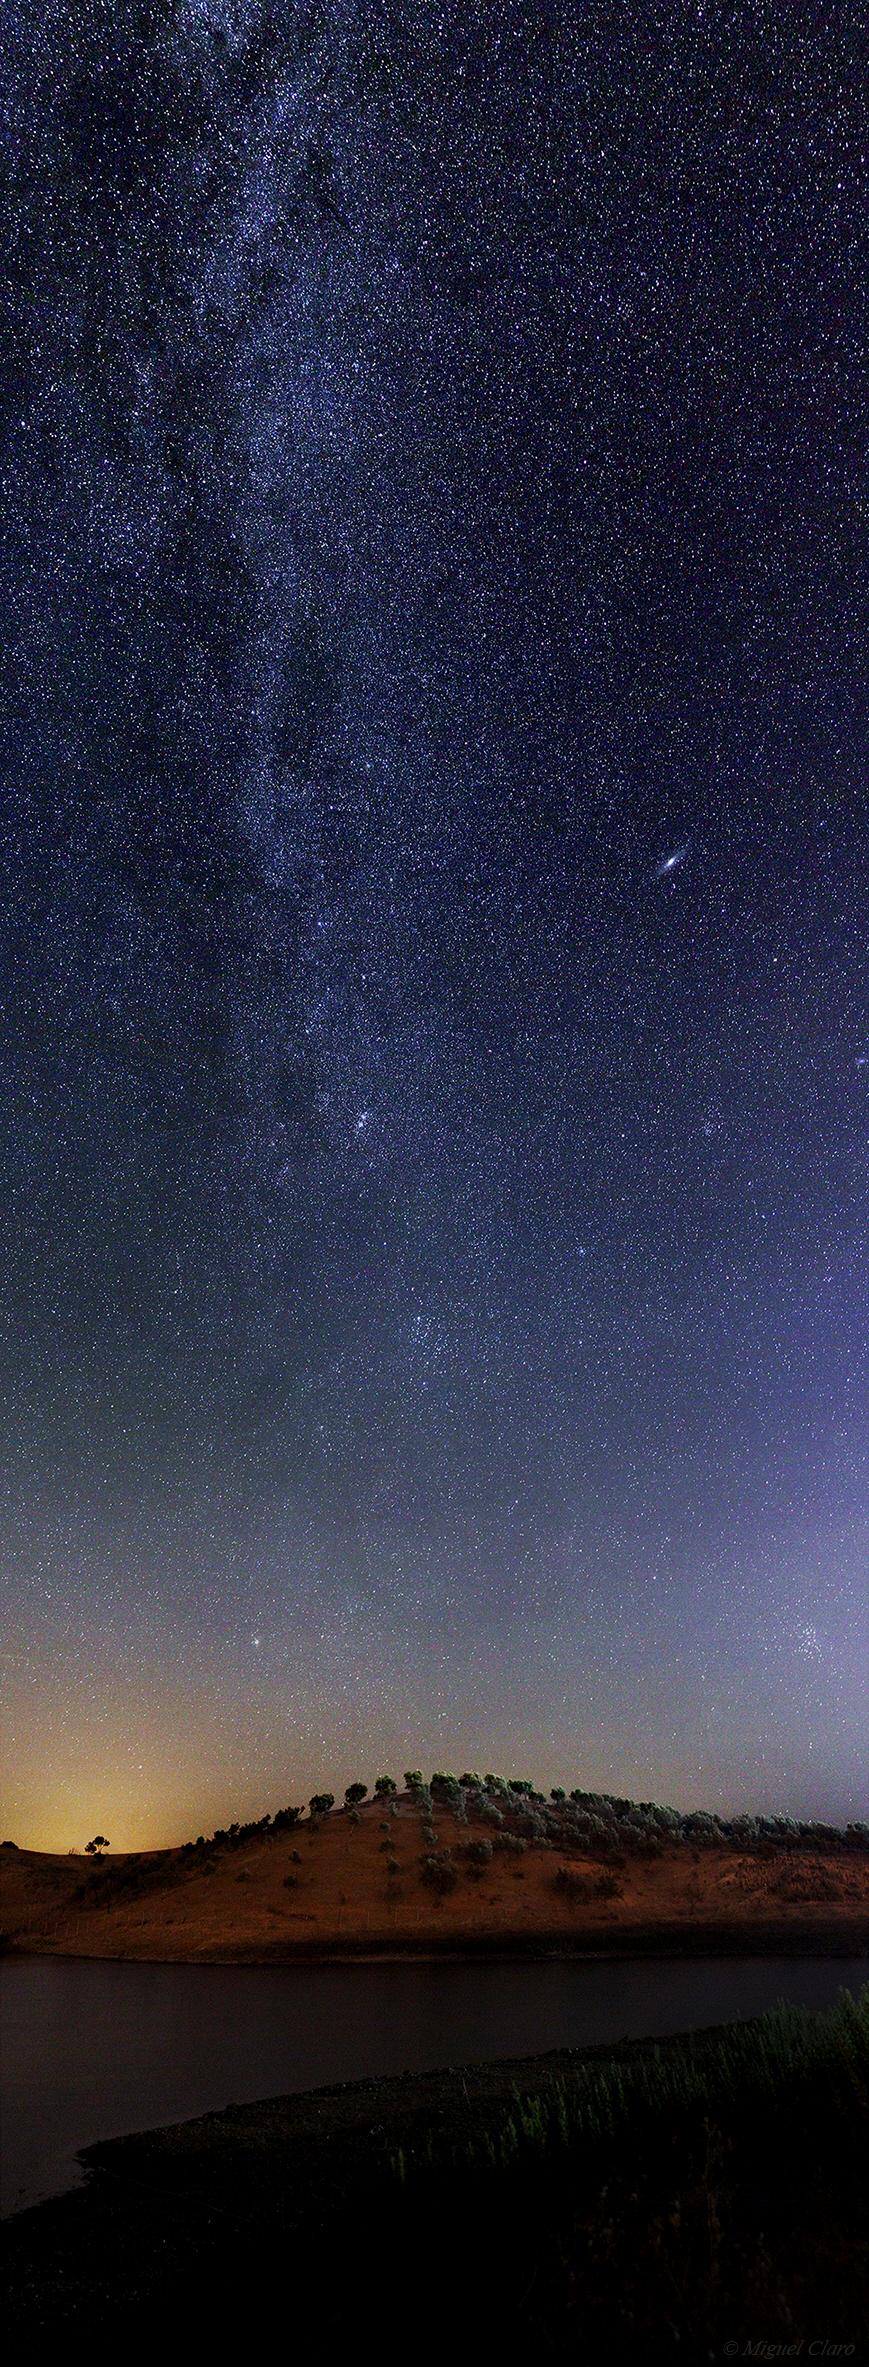 Stargazing-PaulaMoonWatch-net